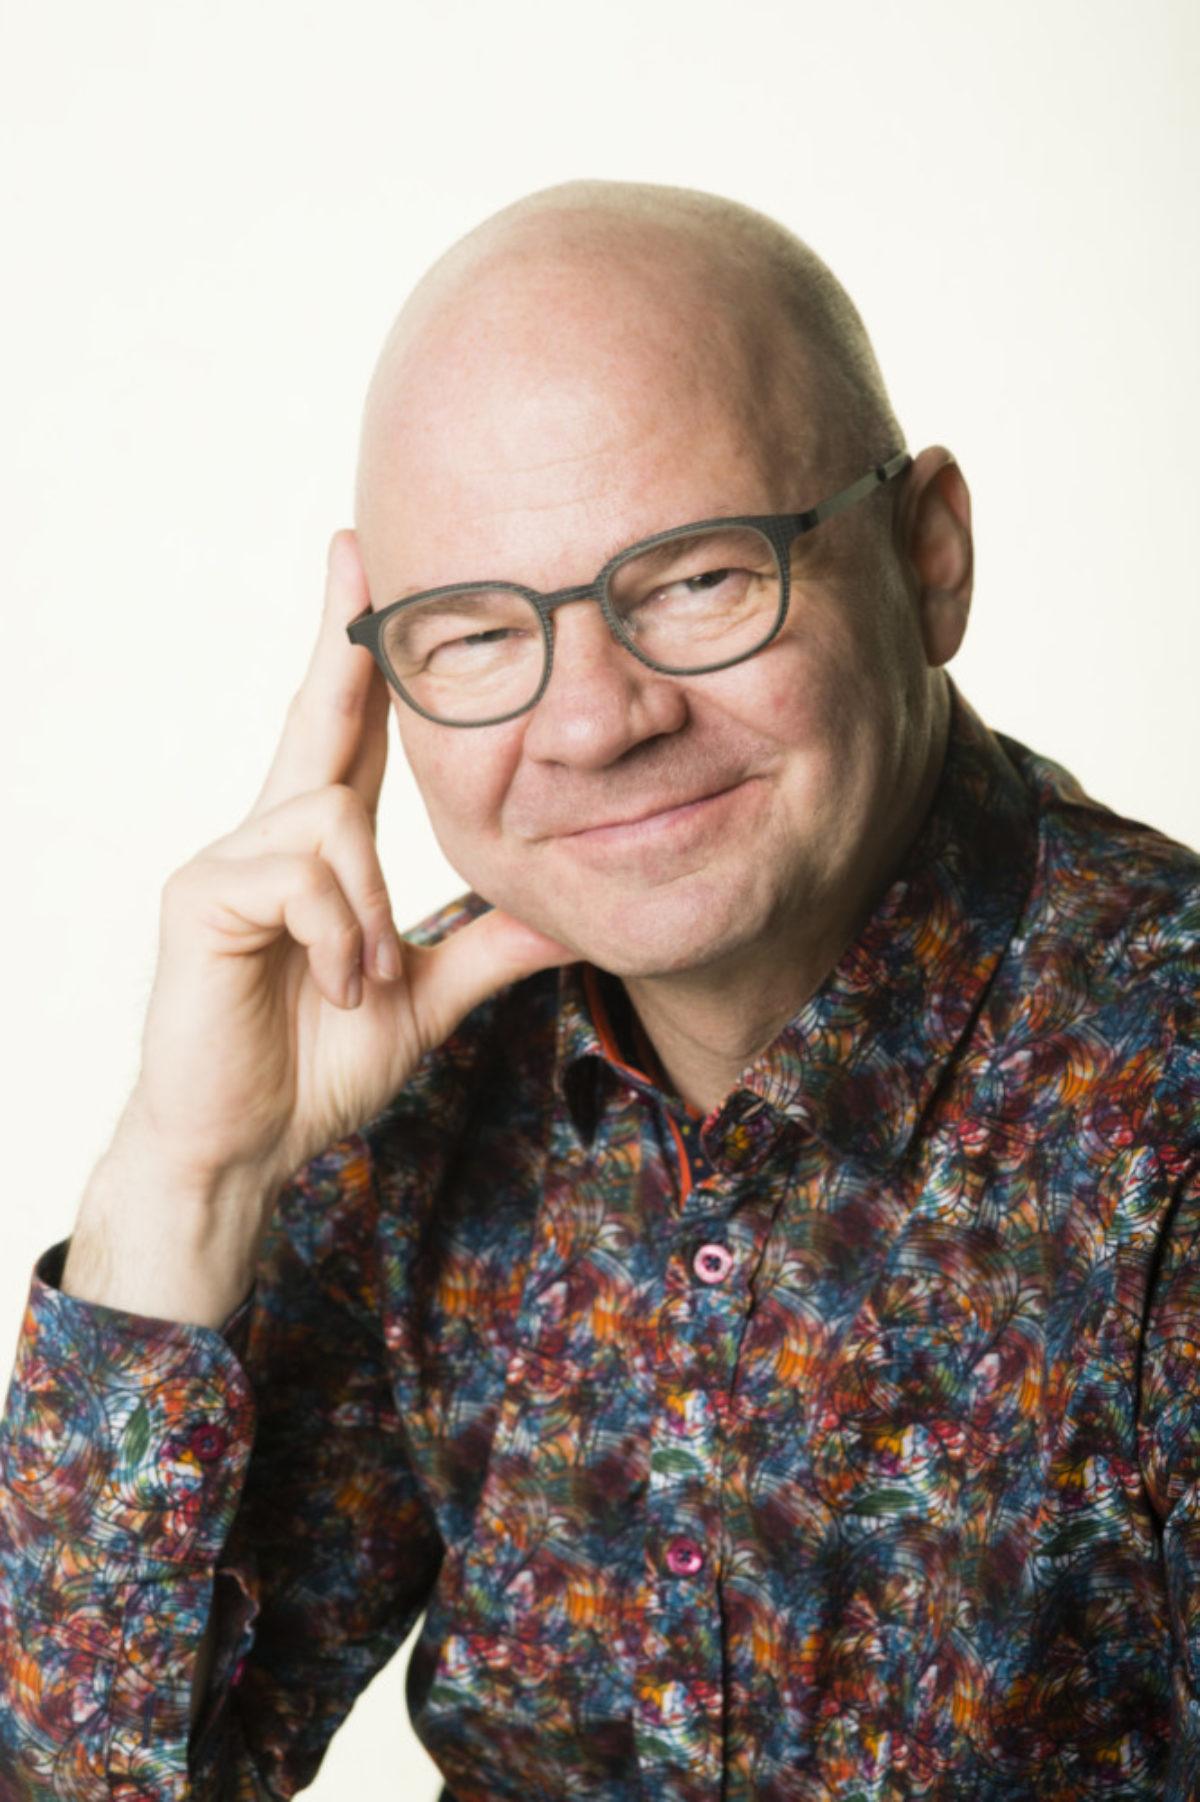 Mikko Myllykoski 73